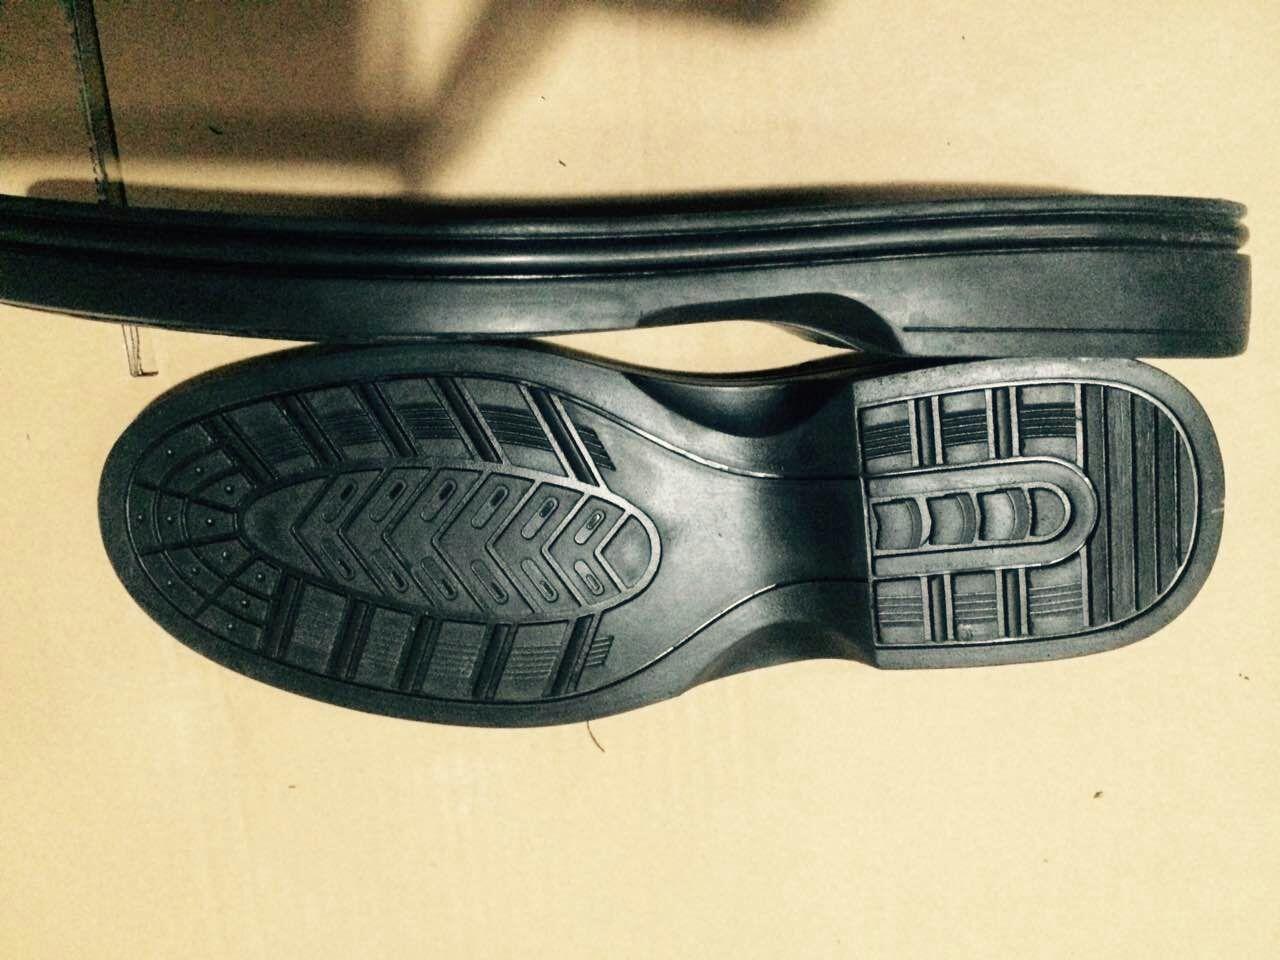 鞋底 橡胶 美耐底 男段 鞋材